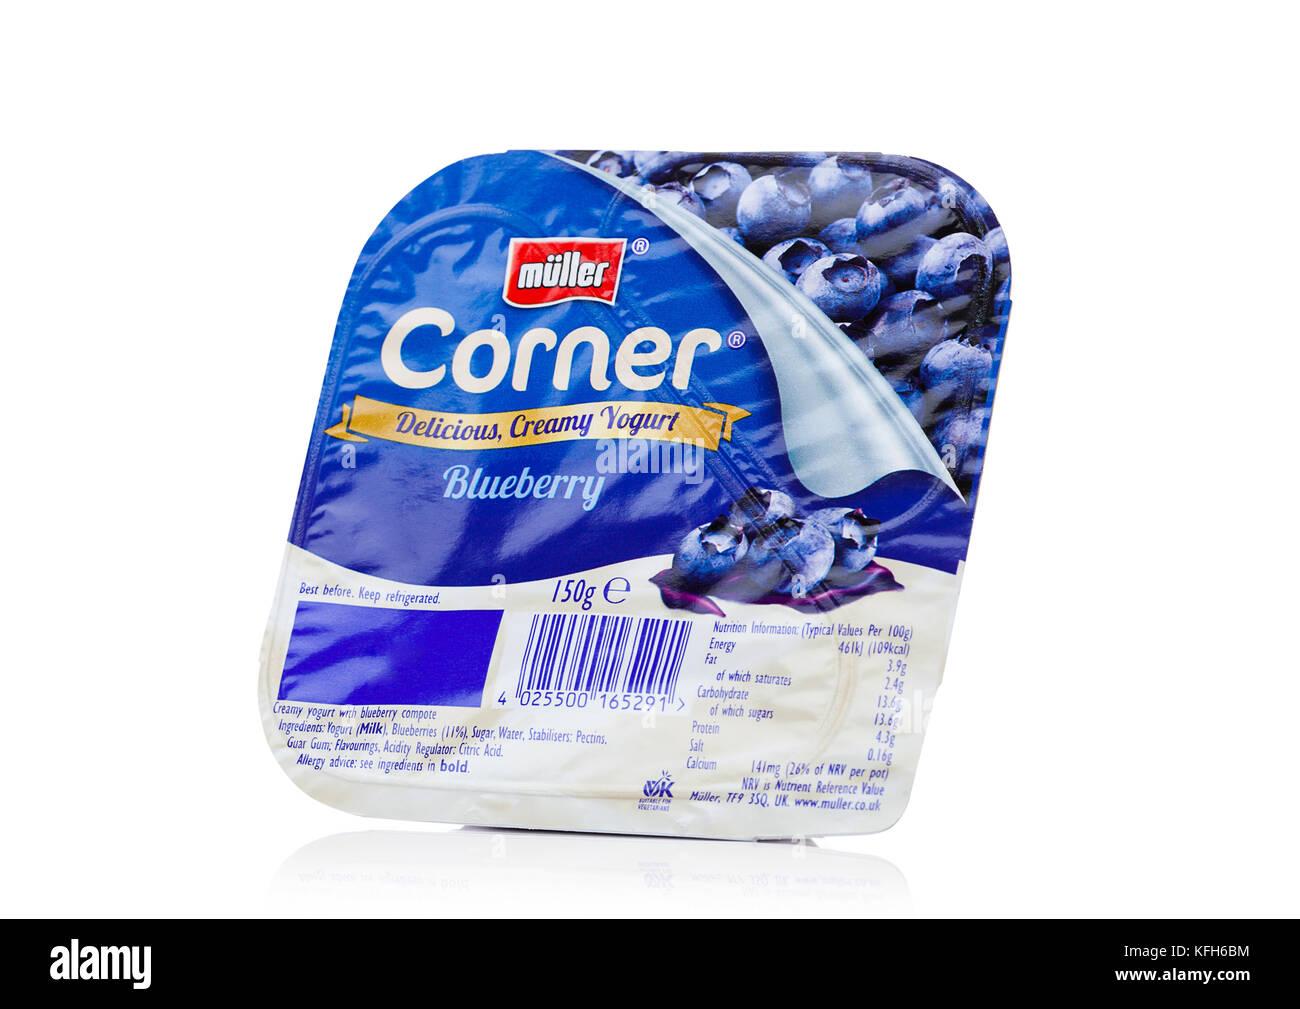 LONDON, UK - OCTOBER 27, 2017: Muller corner yogurt with blueberry on a white background. - Stock Image